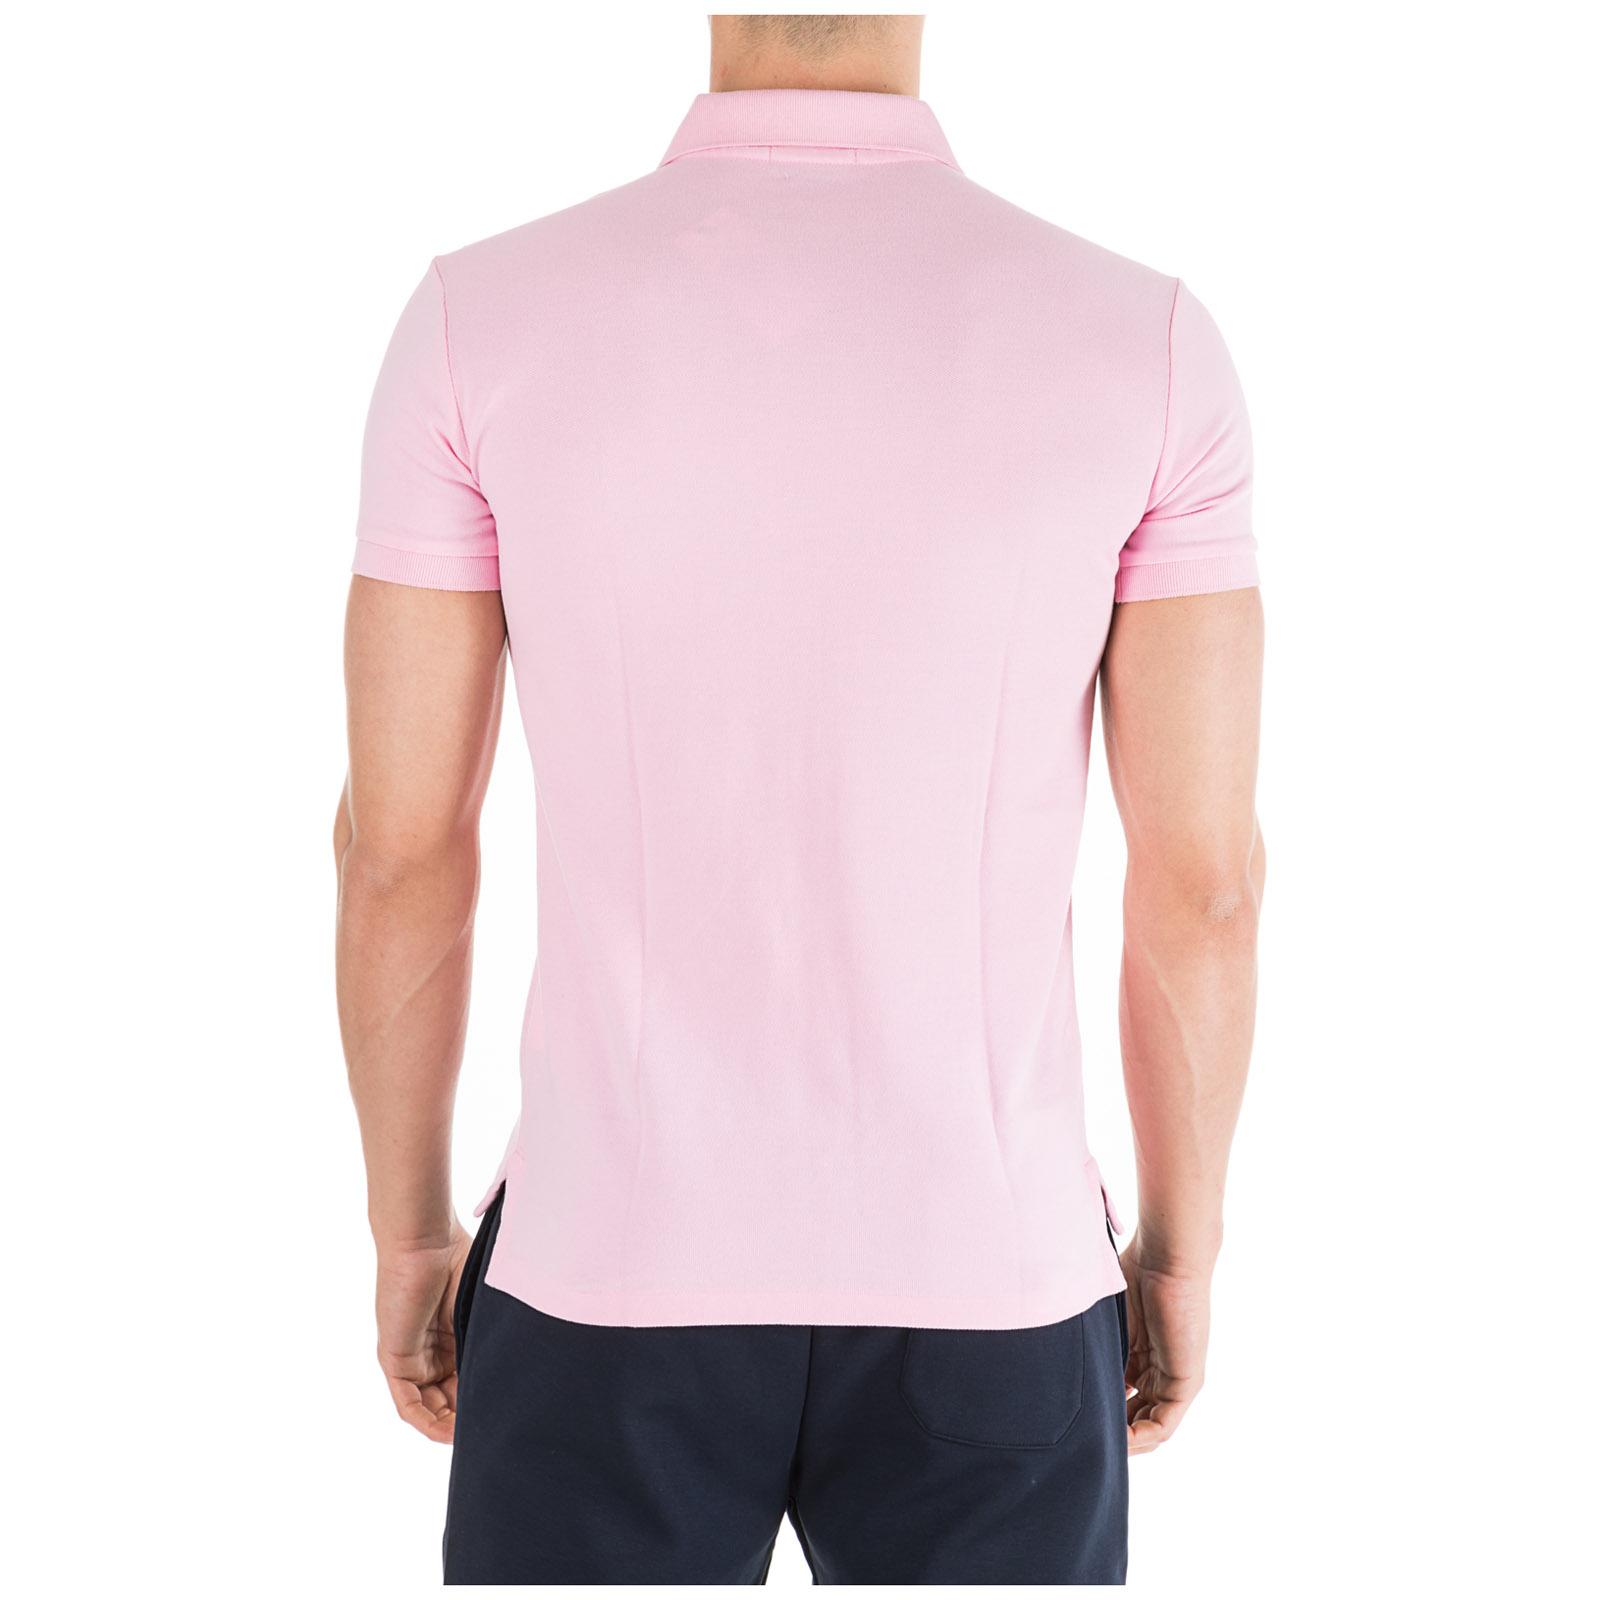 Camiseta de manga corta cuello de polo hombre